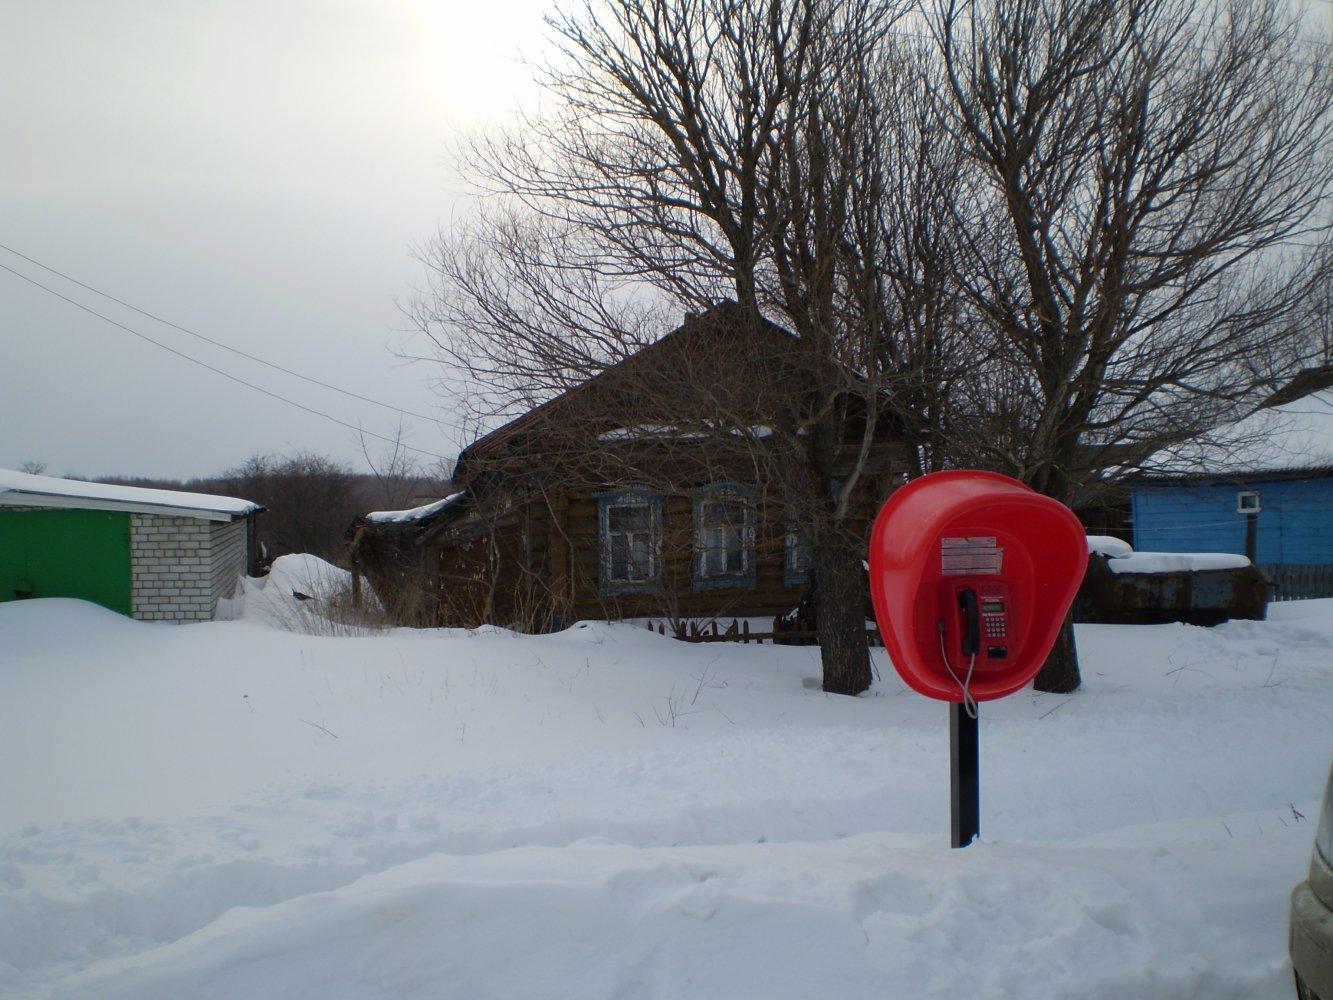 Фото P3200032.JPG. Россия, Нижегородская область, Клин, Unnamed Road